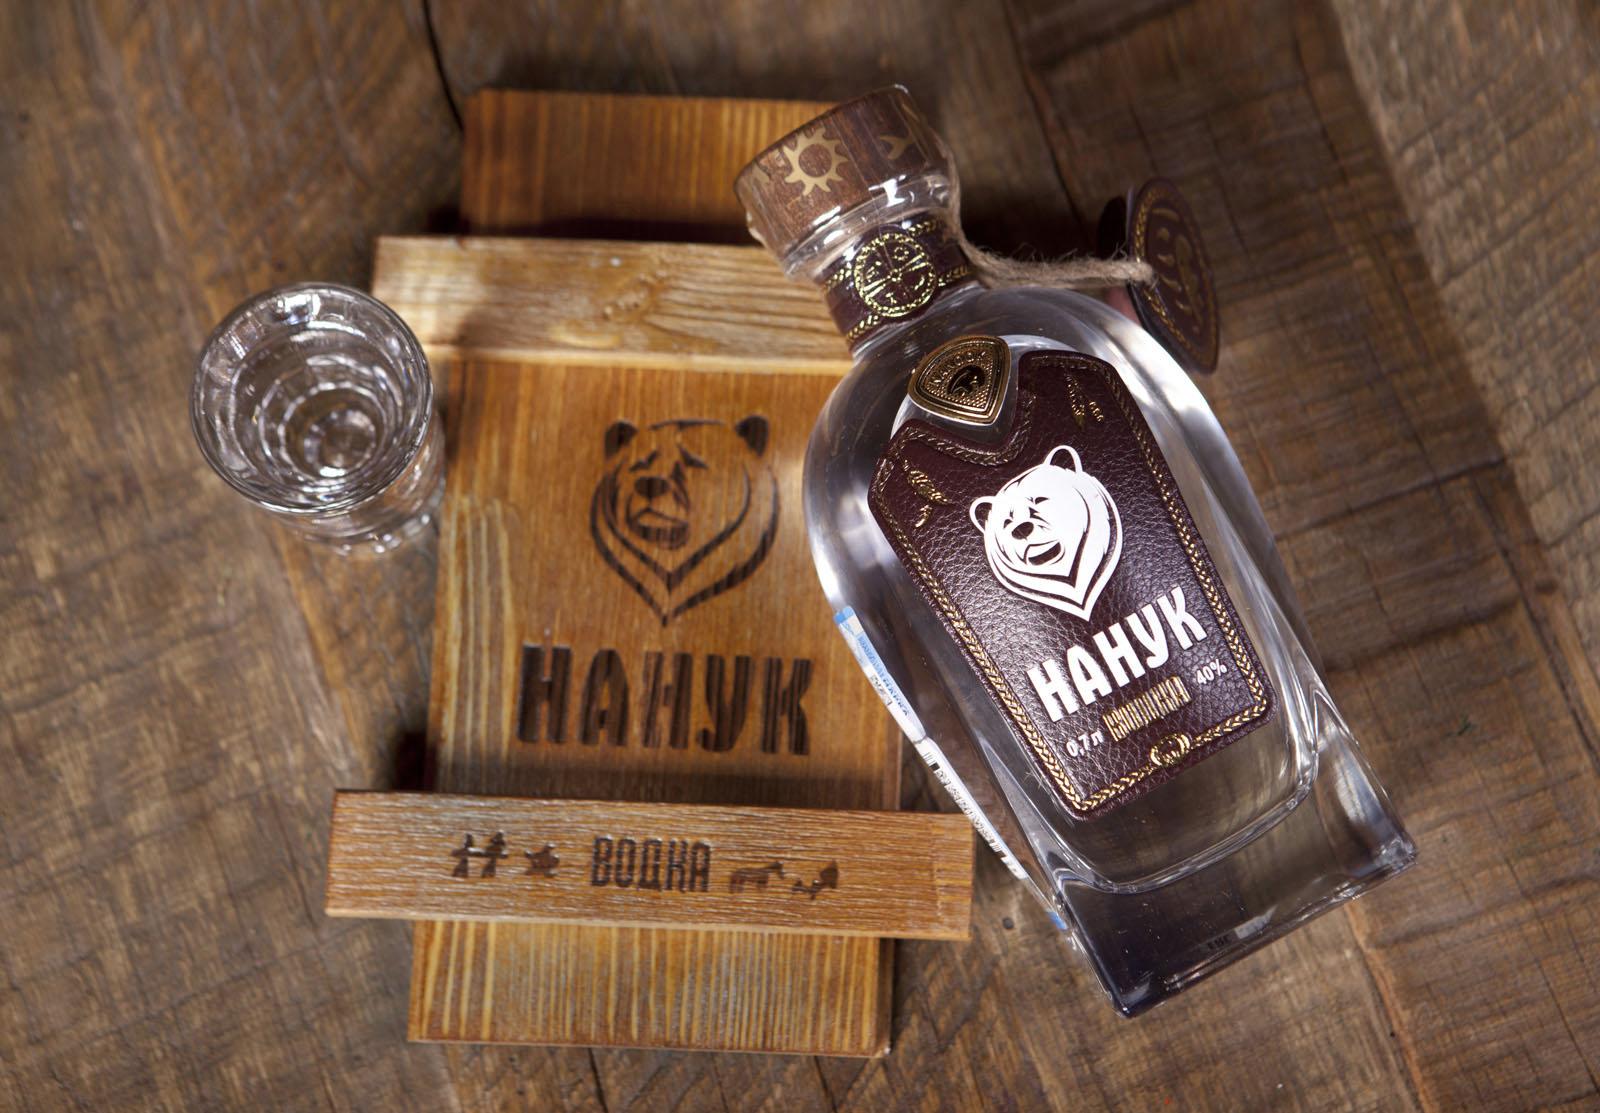 Нанук. Разработка дизайна упаковки, этикетки, бутылки для водки.